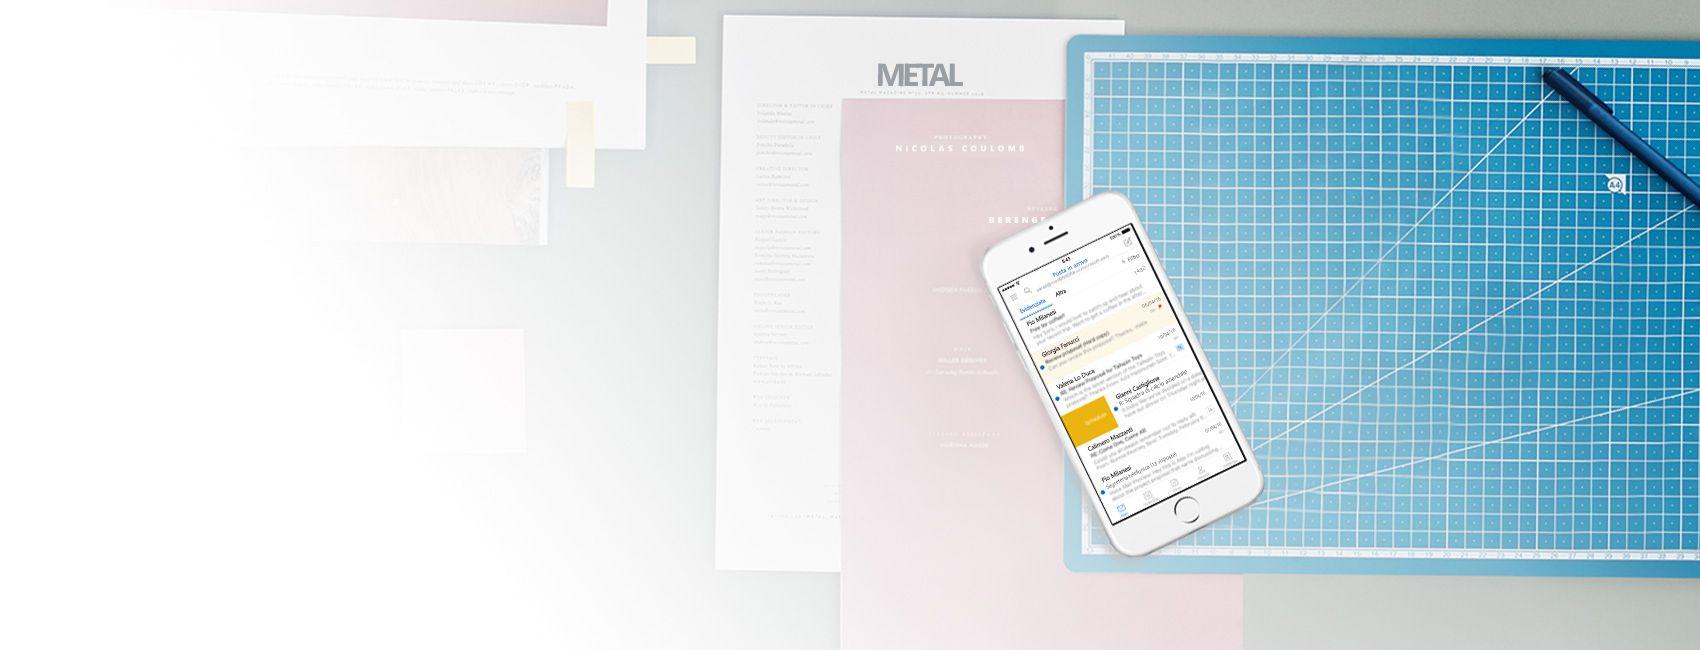 Telefono che visualizza la cartella della posta in arrivo nell'app Outlook